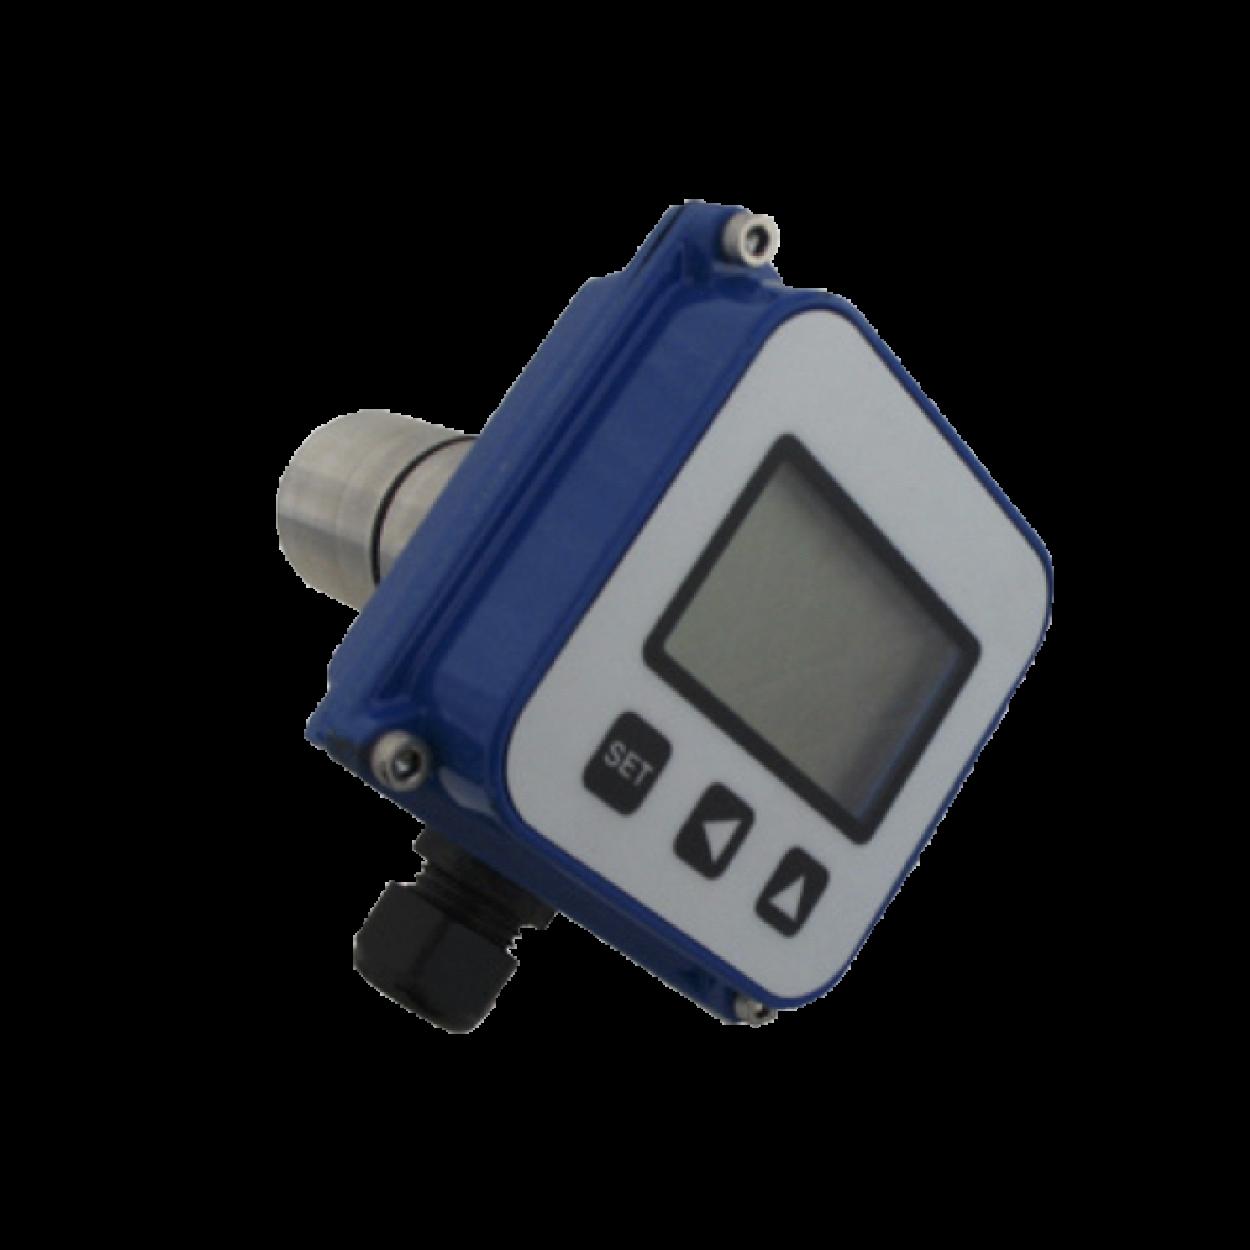 FL545_misuratore_portata_elettromagnetico_inserzione